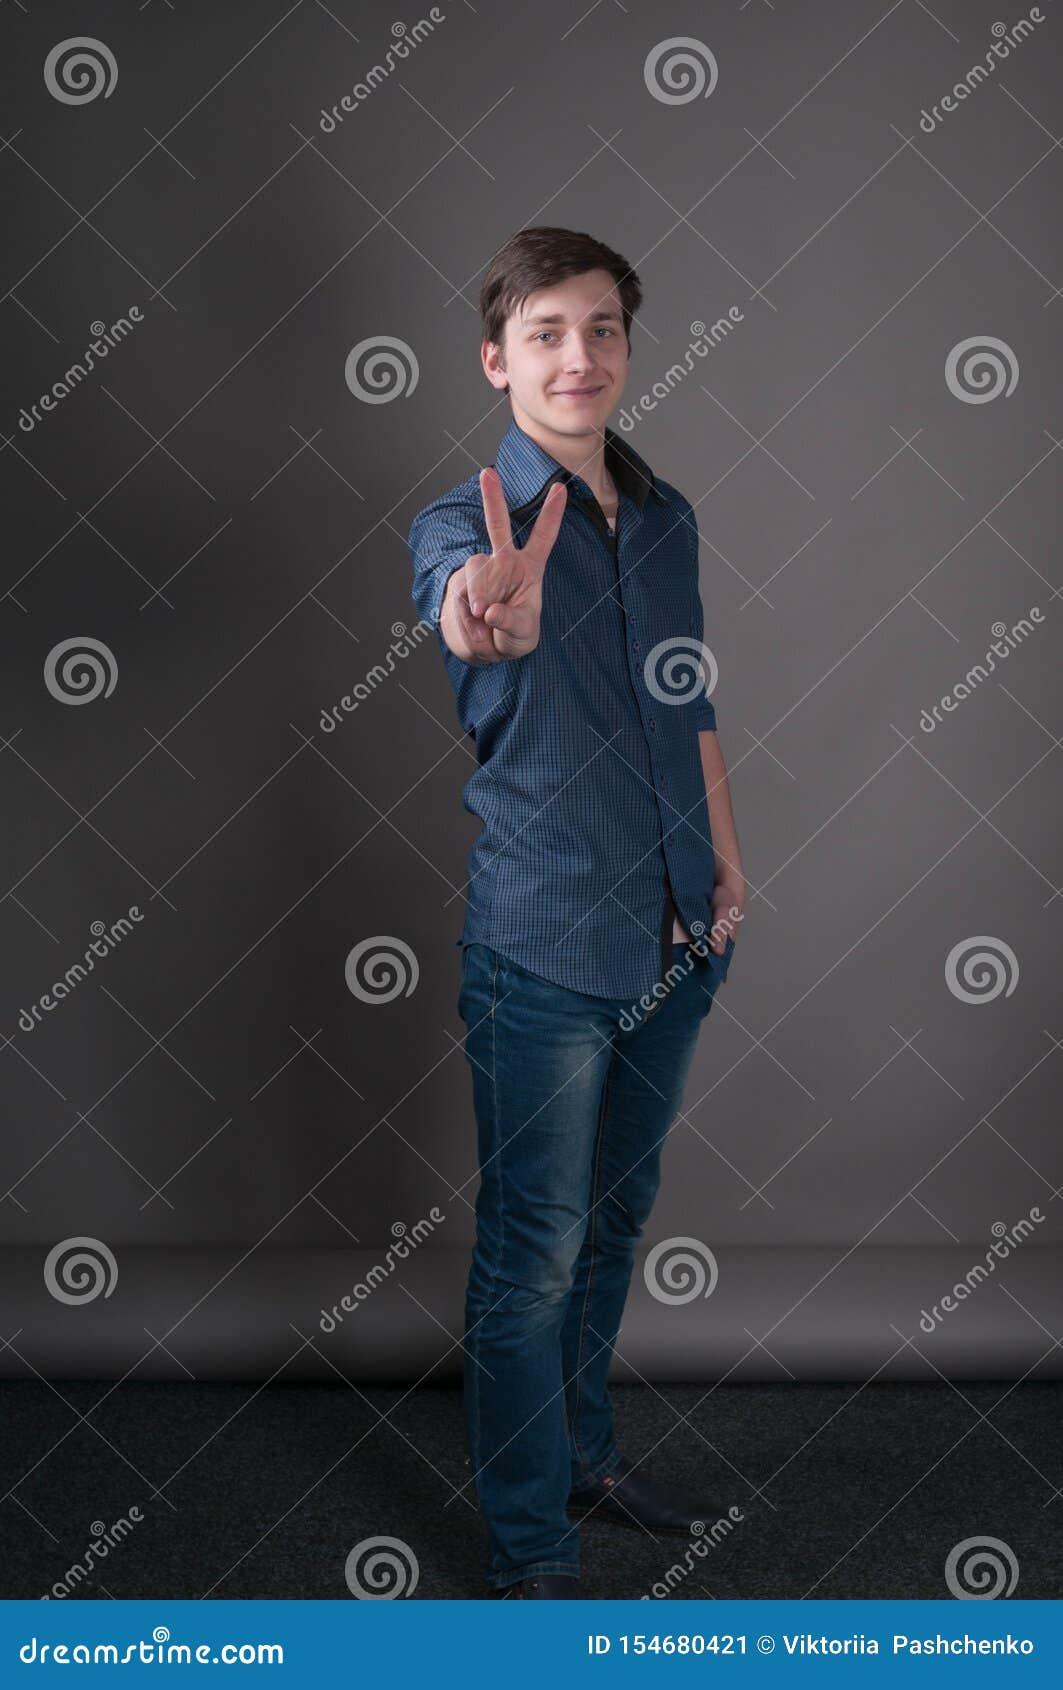 Άτομο που παρουσιάζει σημάδι νίκης με τα δάχτυλα, που χαμογελά και που εξετάζει τη κάμερα